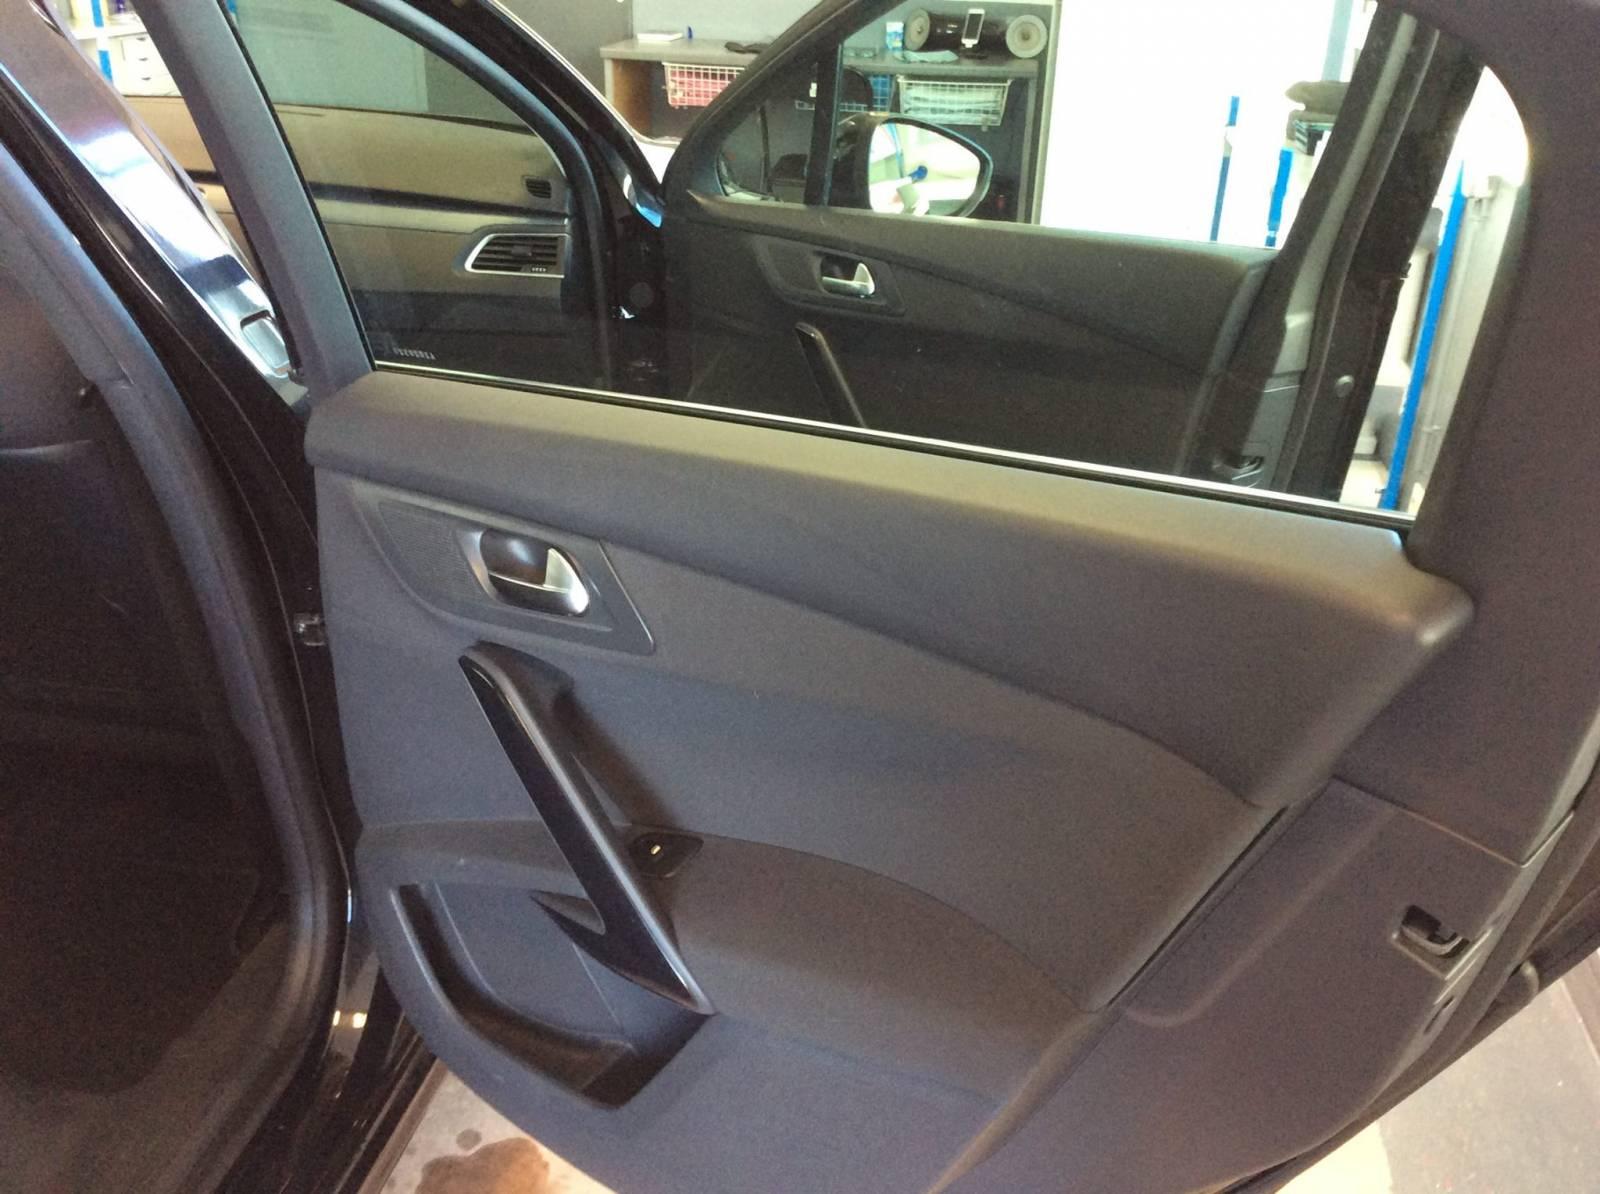 Nettoyage interieur exterieur voiture bordeaux for Lavage voiture interieur exterieur